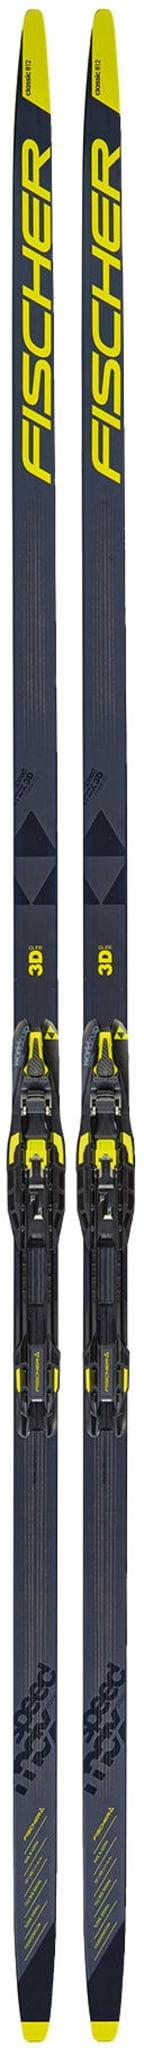 Speedmax klassisk ski med kortere trykkpunkter!